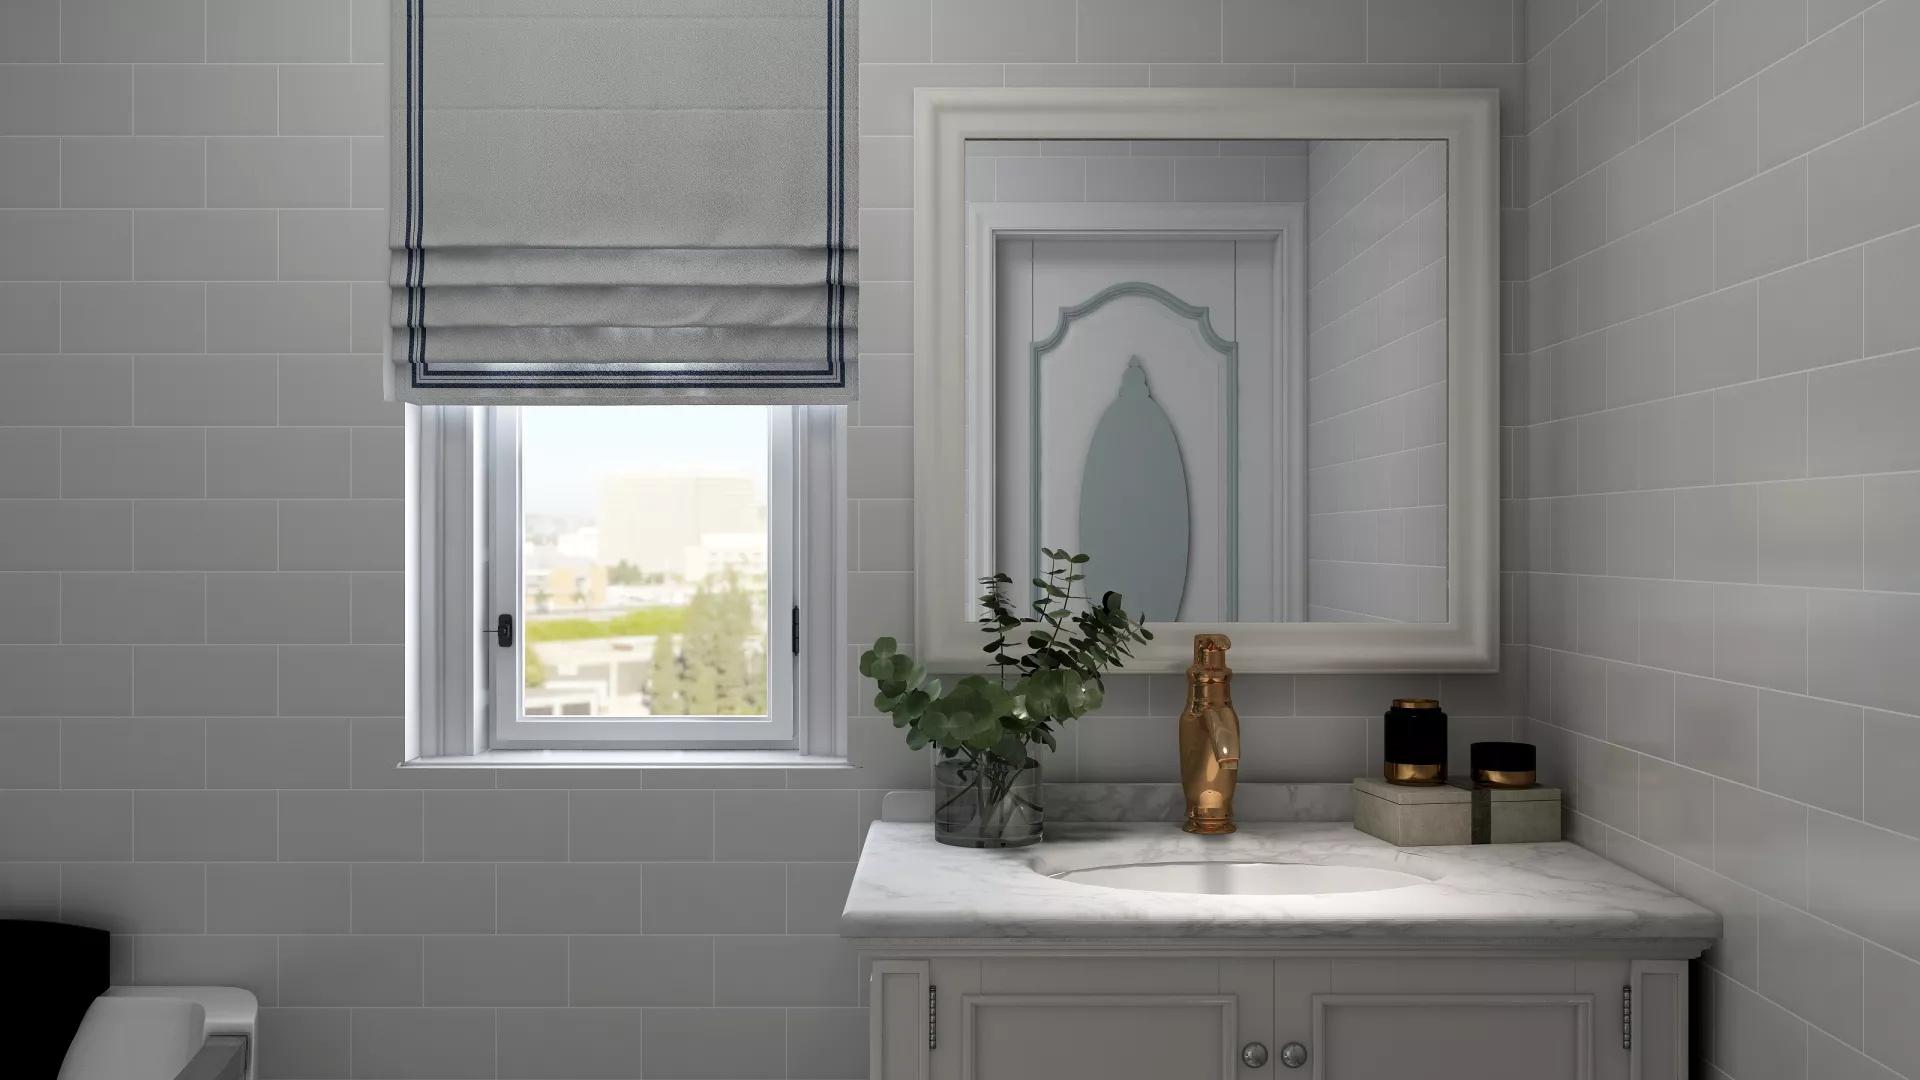 室內極簡主義裝修要點有什么?室內極簡風格裝修要怎么做?